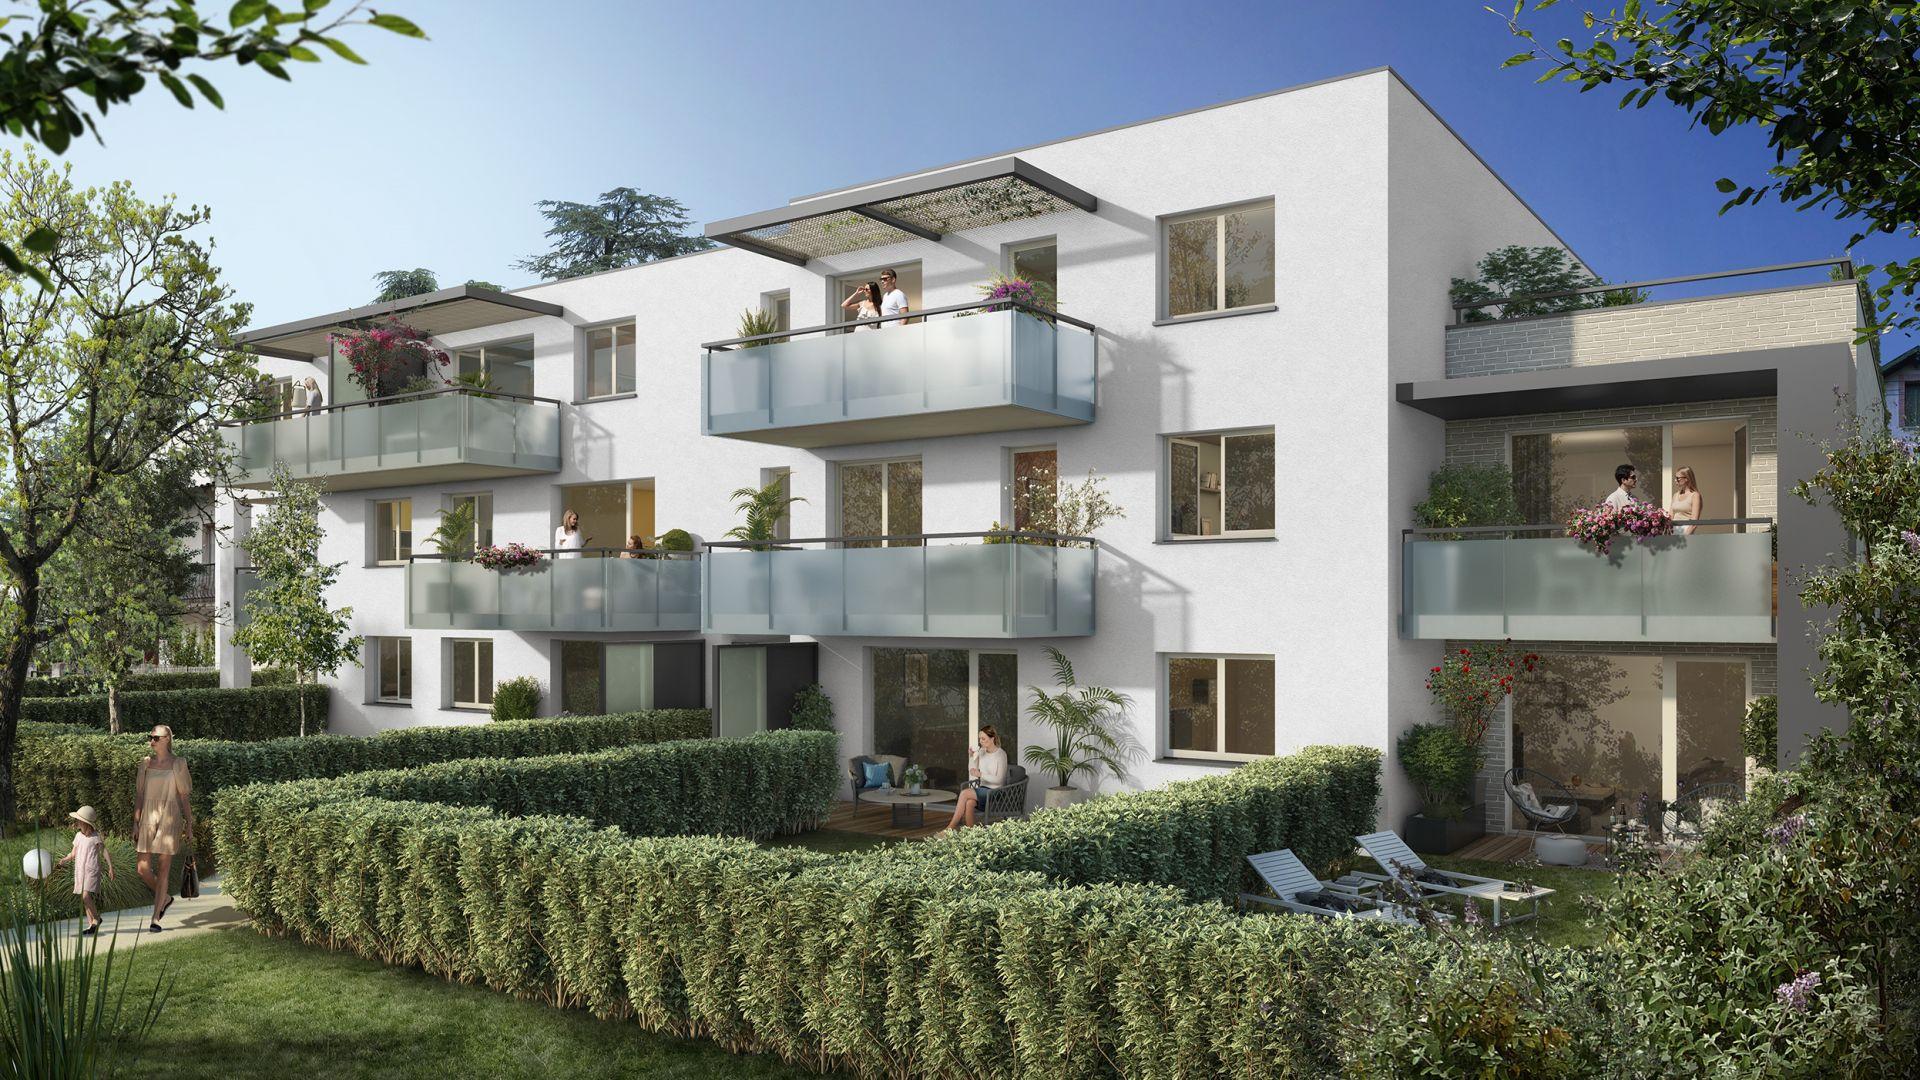 Greencity Immobilier - Résidence Sweet Garden - 31200 Toulouse Bonnefoy - appartements et villas du T2 au T4 - vue cour